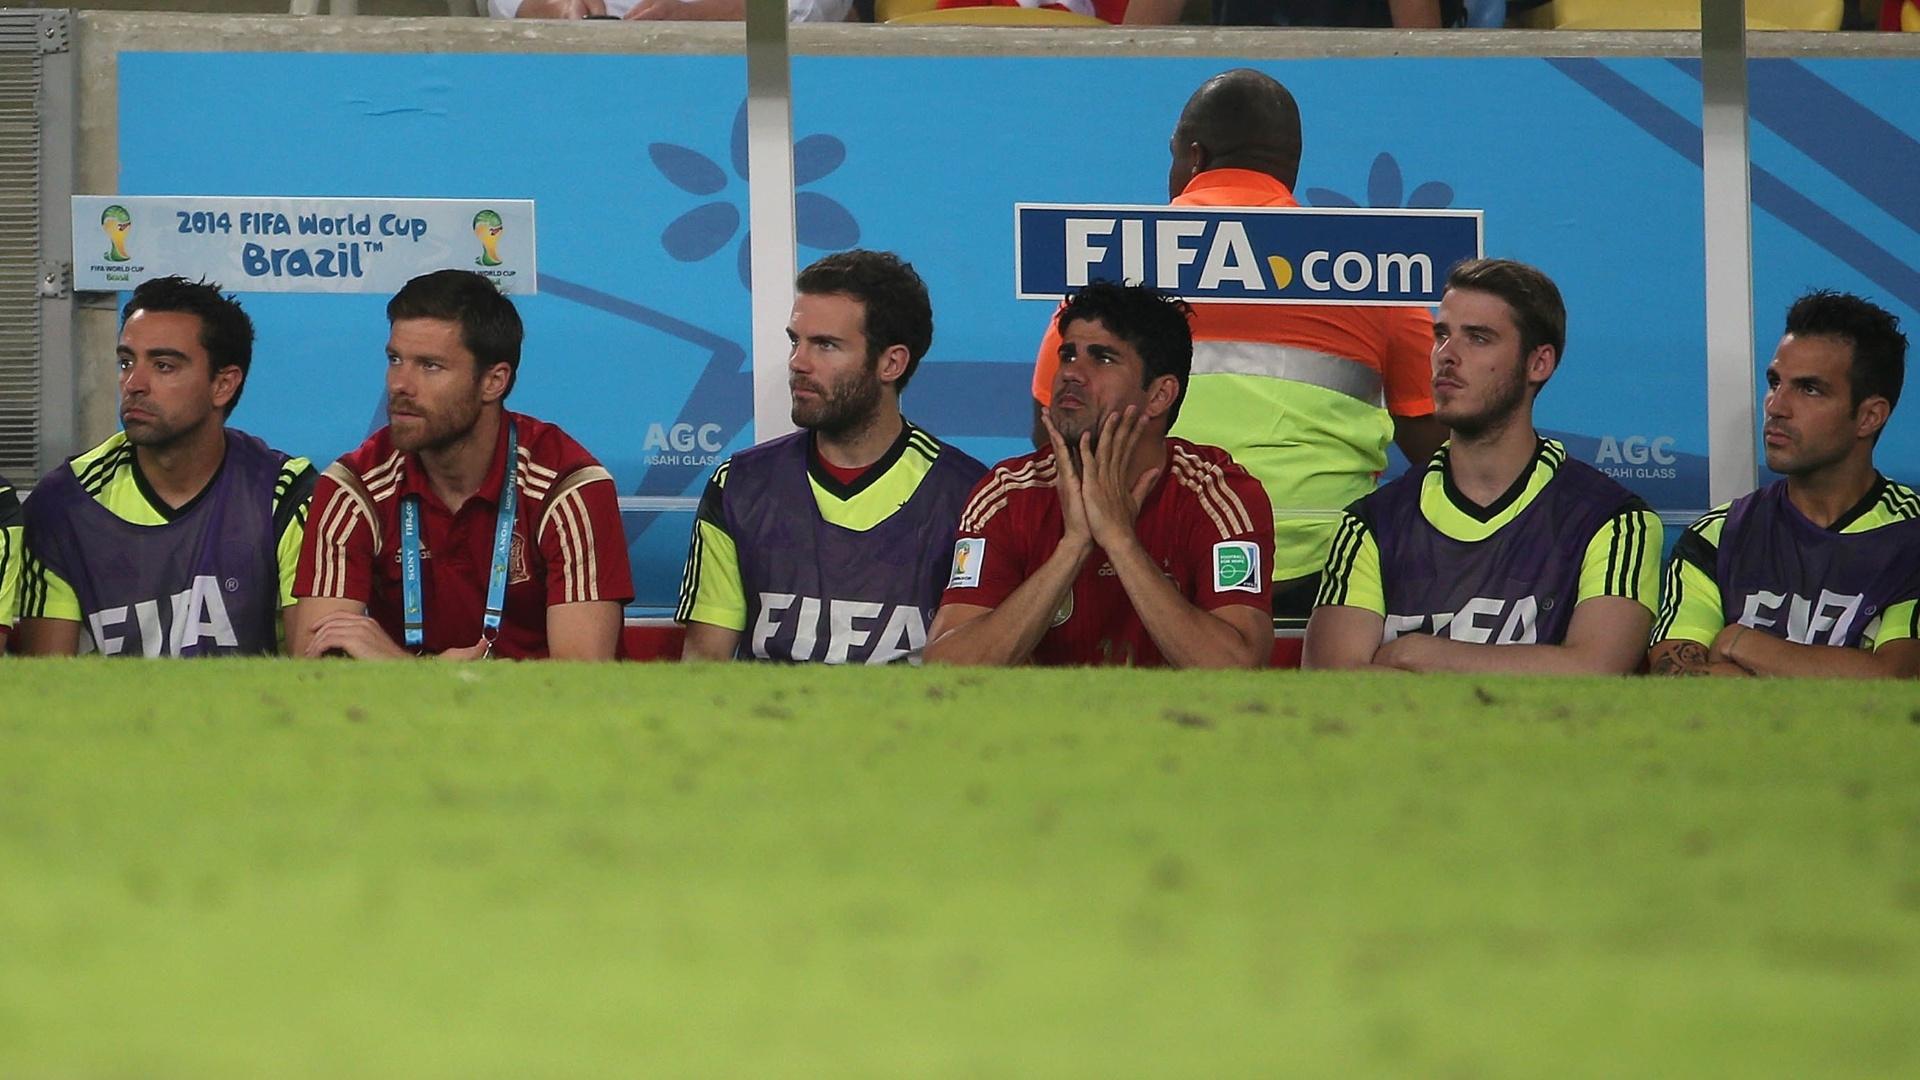 Jogadores da Espanha observam a derrota da seleção para o Chile, no Maracanã, por 2 a 0